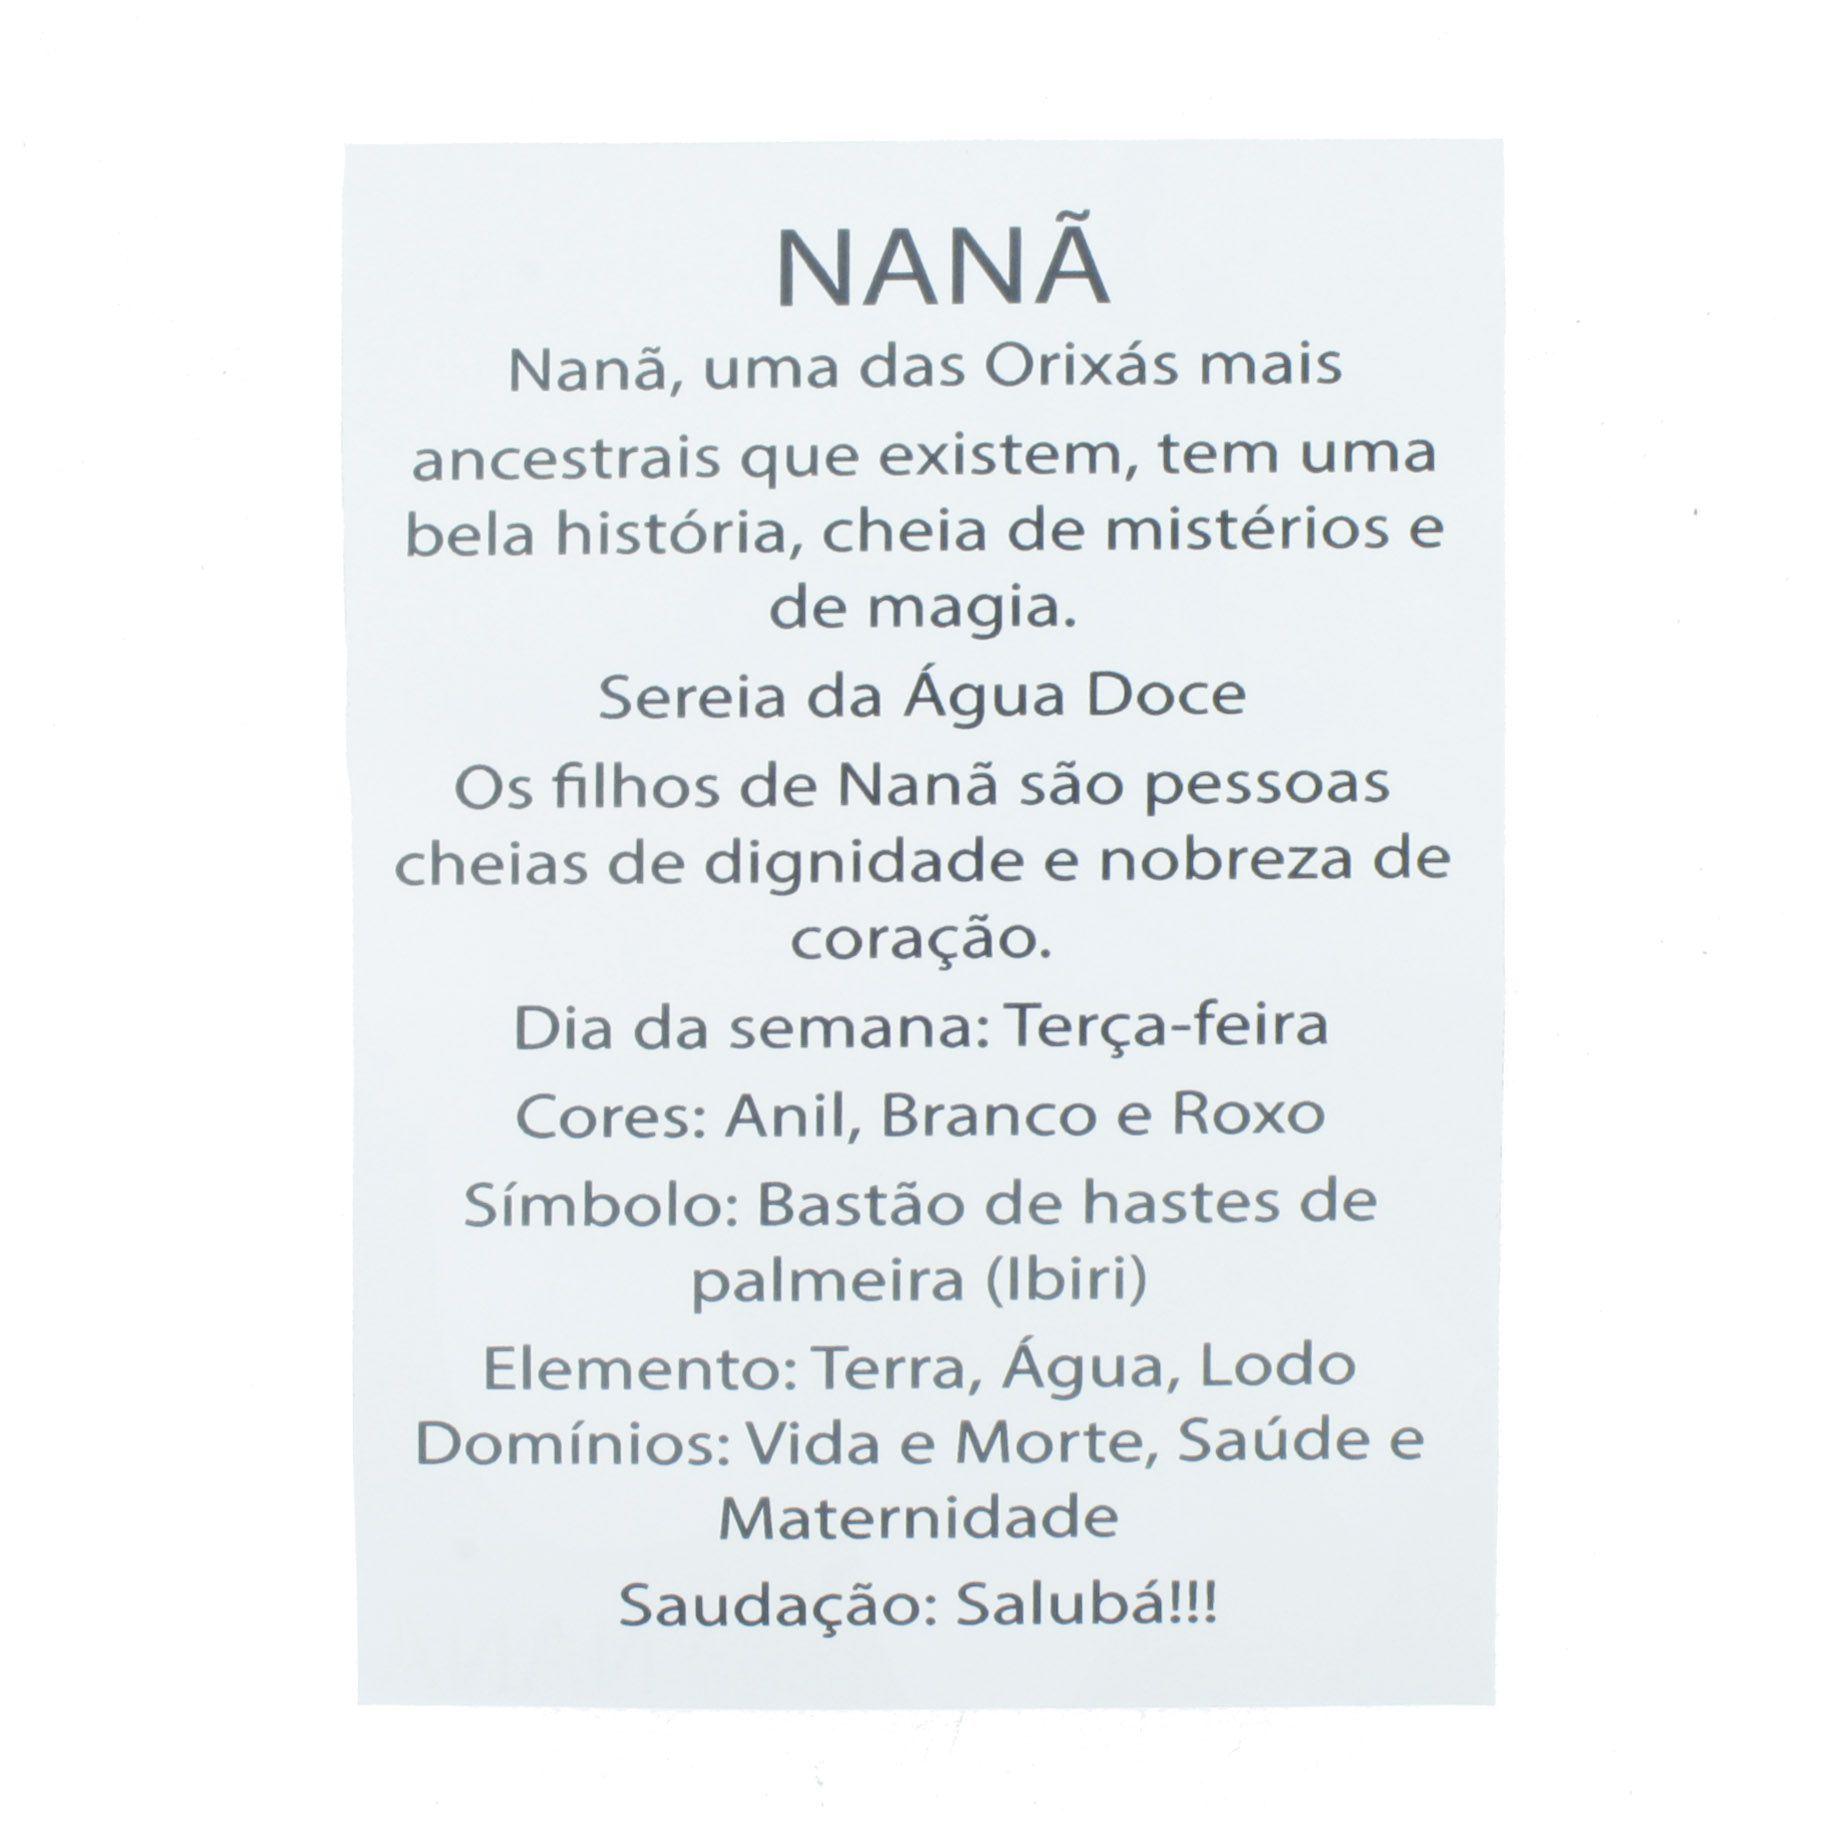 Medalha Nanã + Folheto  - Universo Religioso® - Artigos de Umbanda e Candomblé